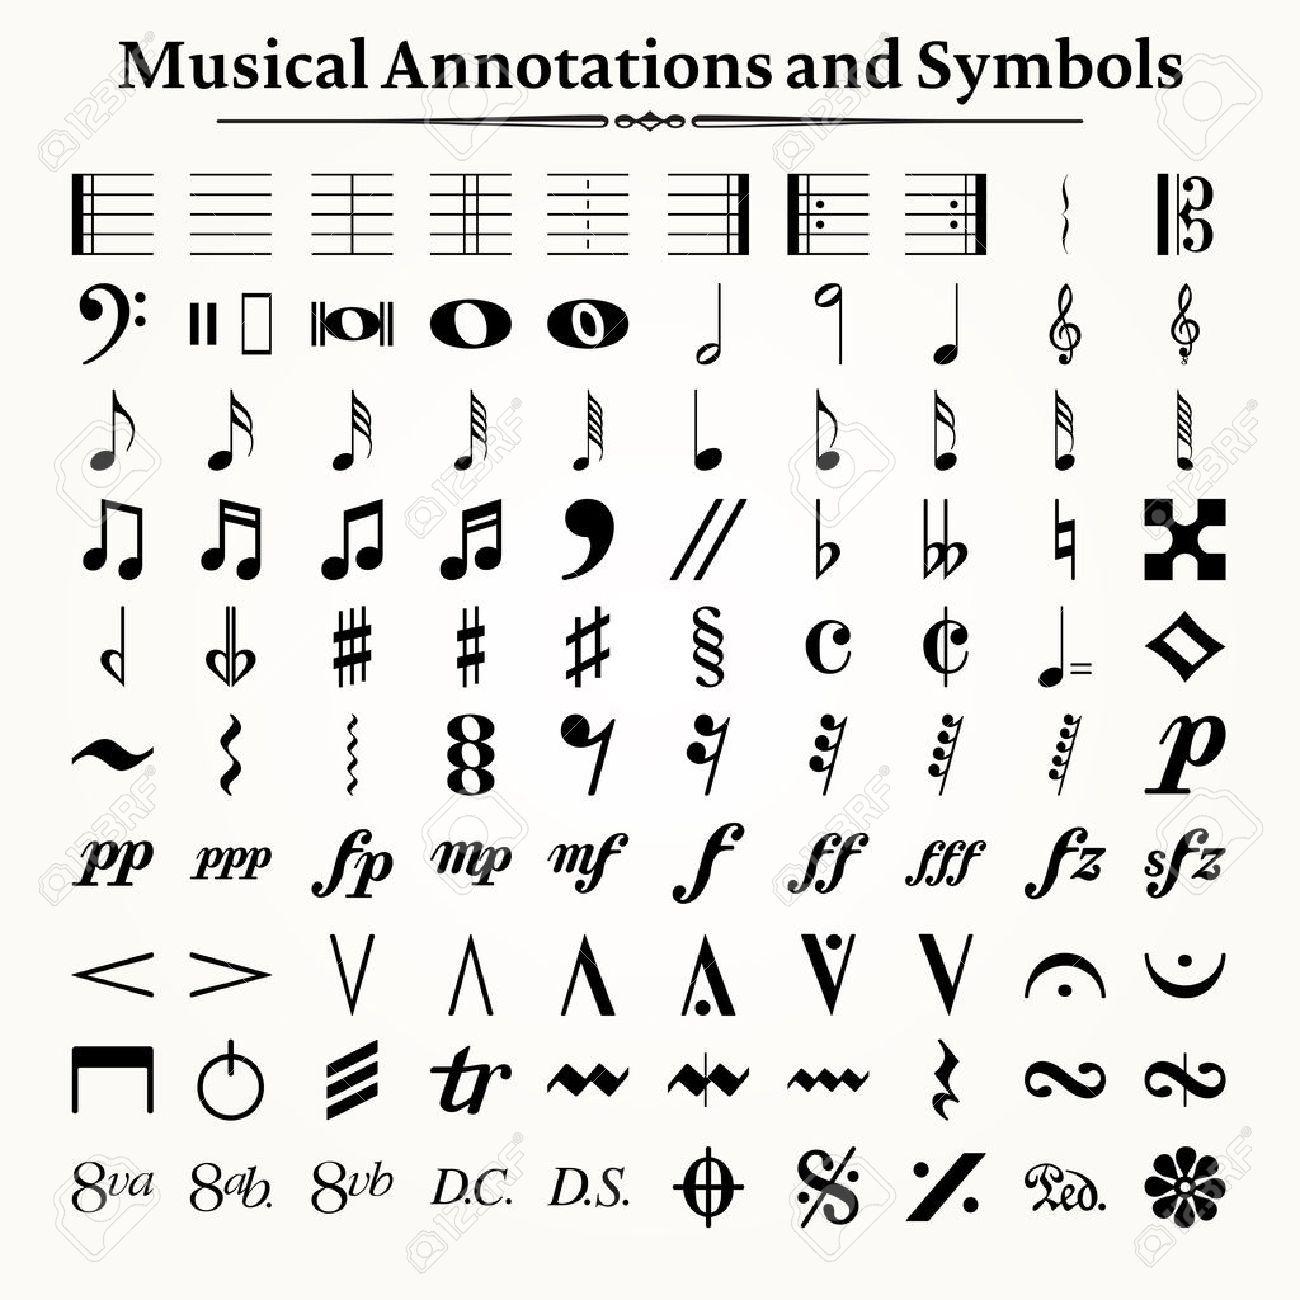 音楽記号の画像検索結果2019 音楽記号音符アート記号